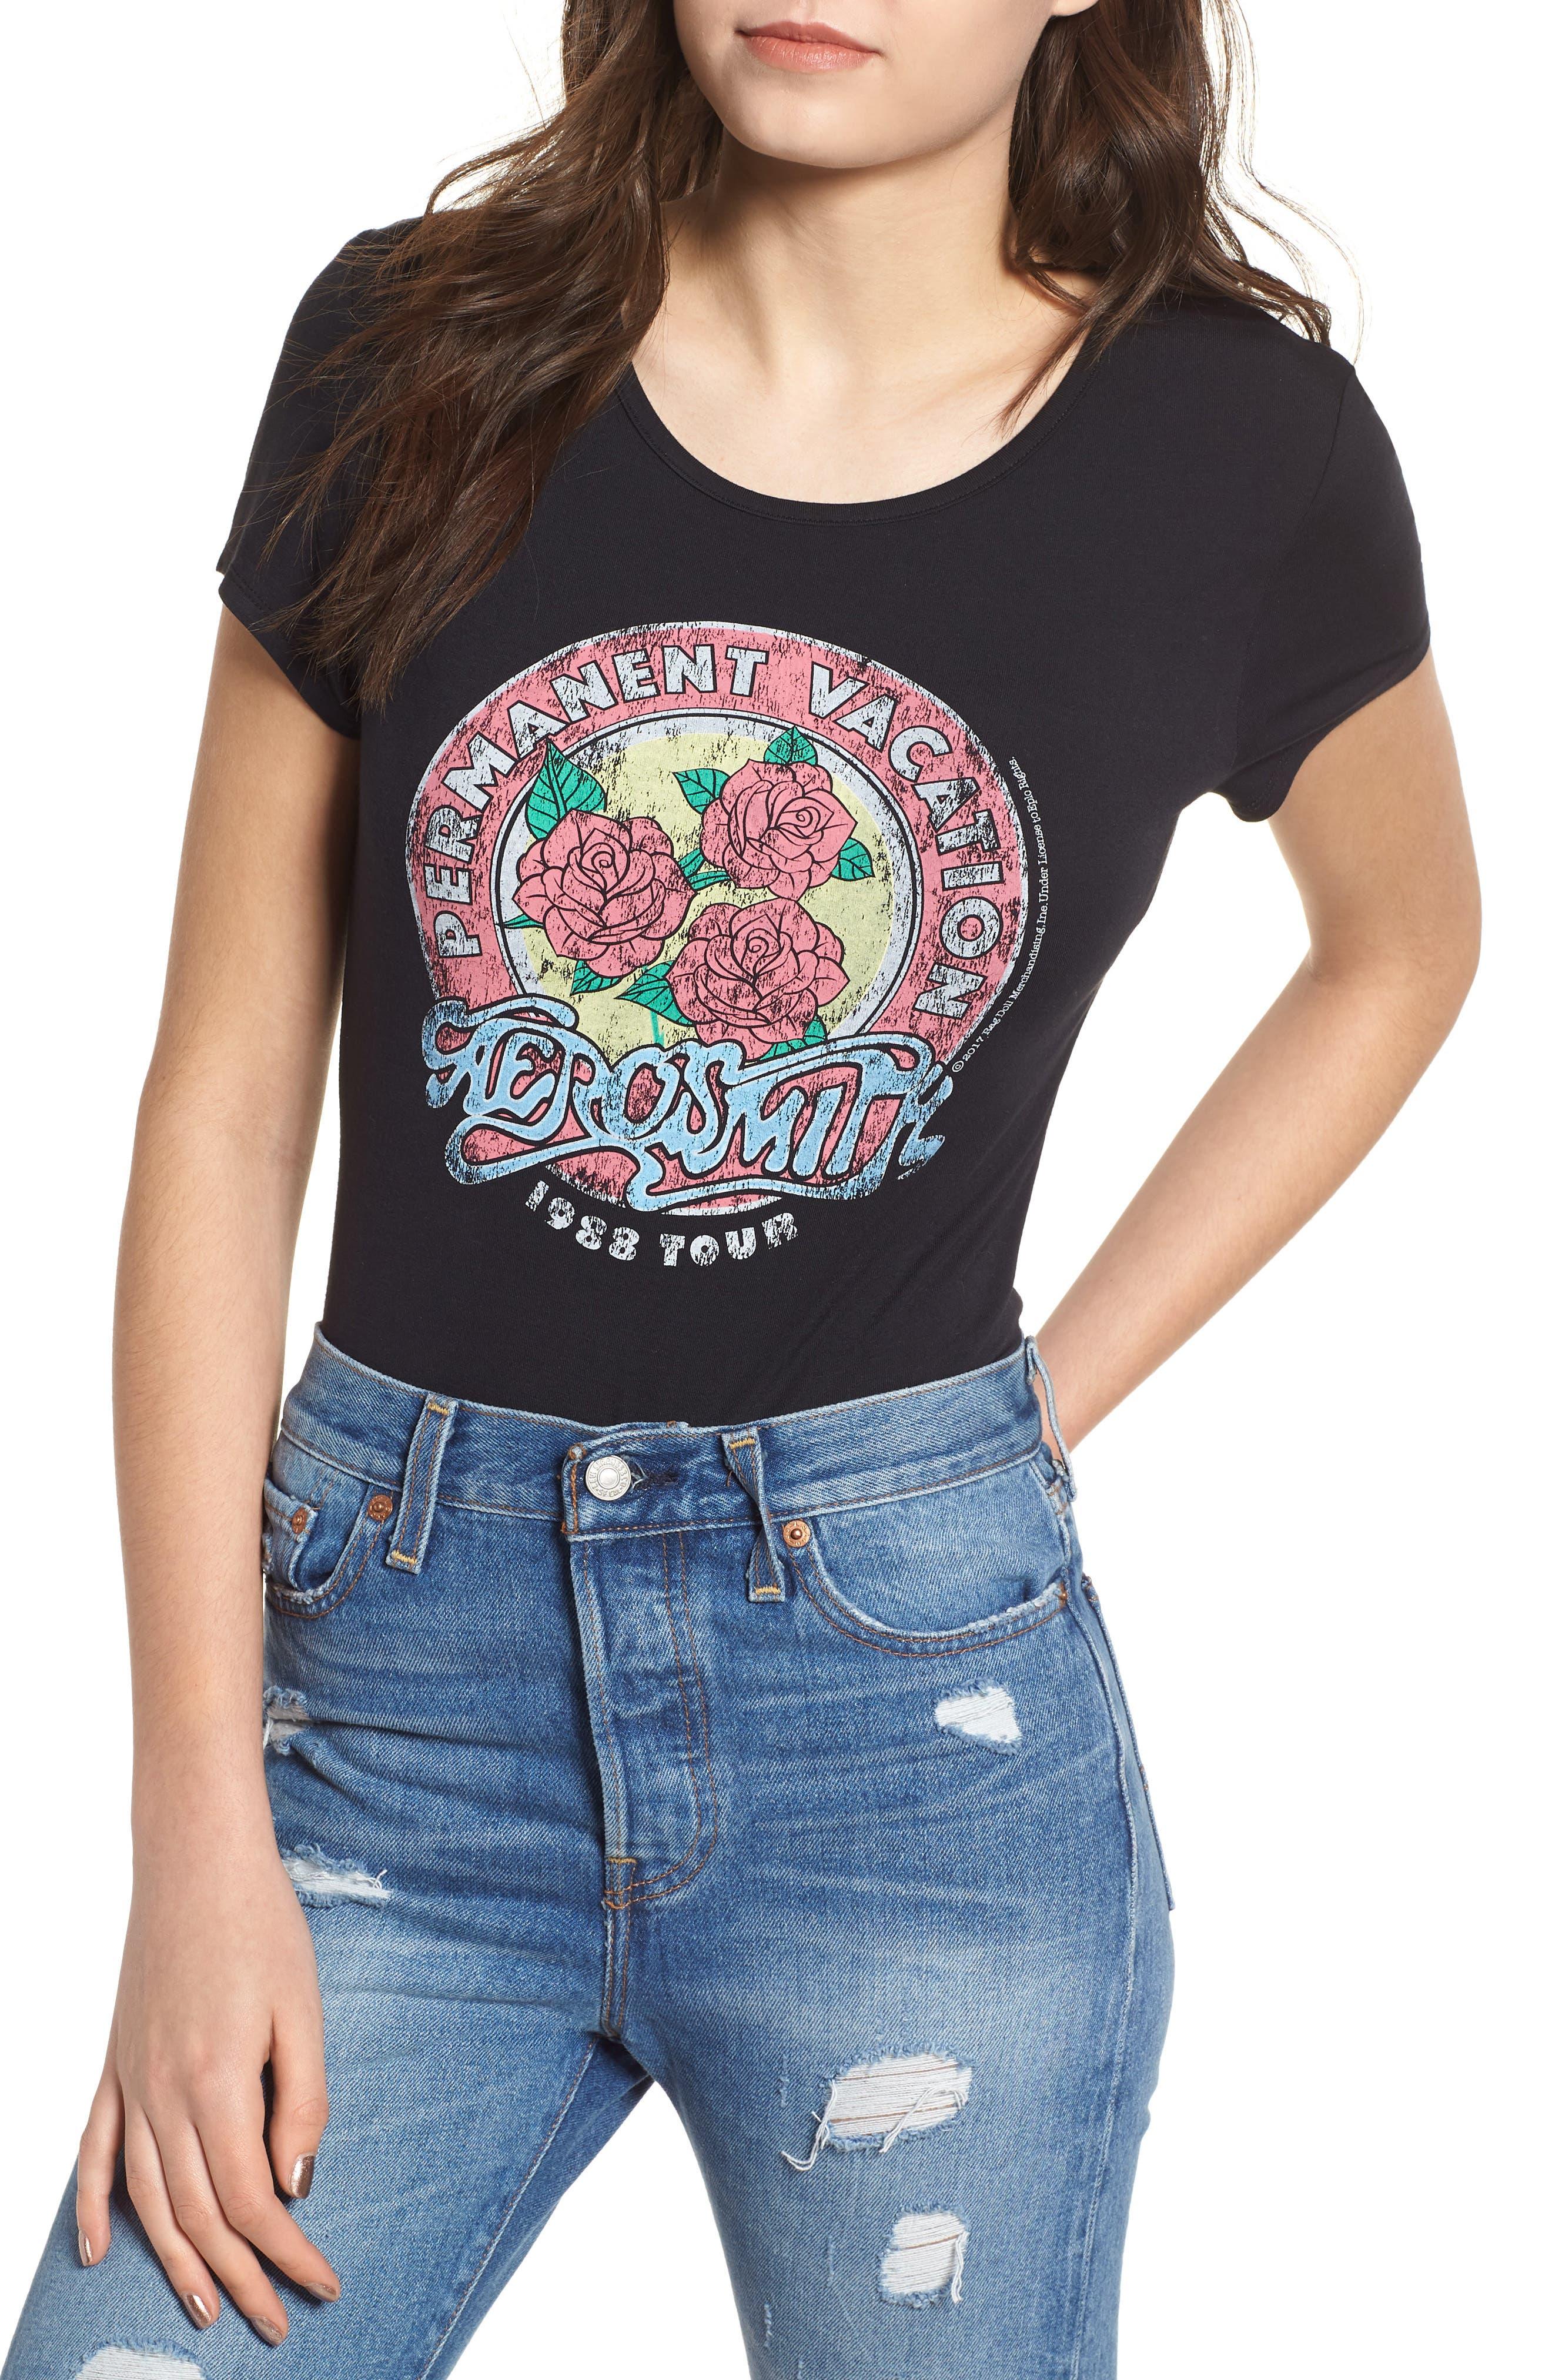 Aerosmith Bodysuit,                         Main,                         color, 001